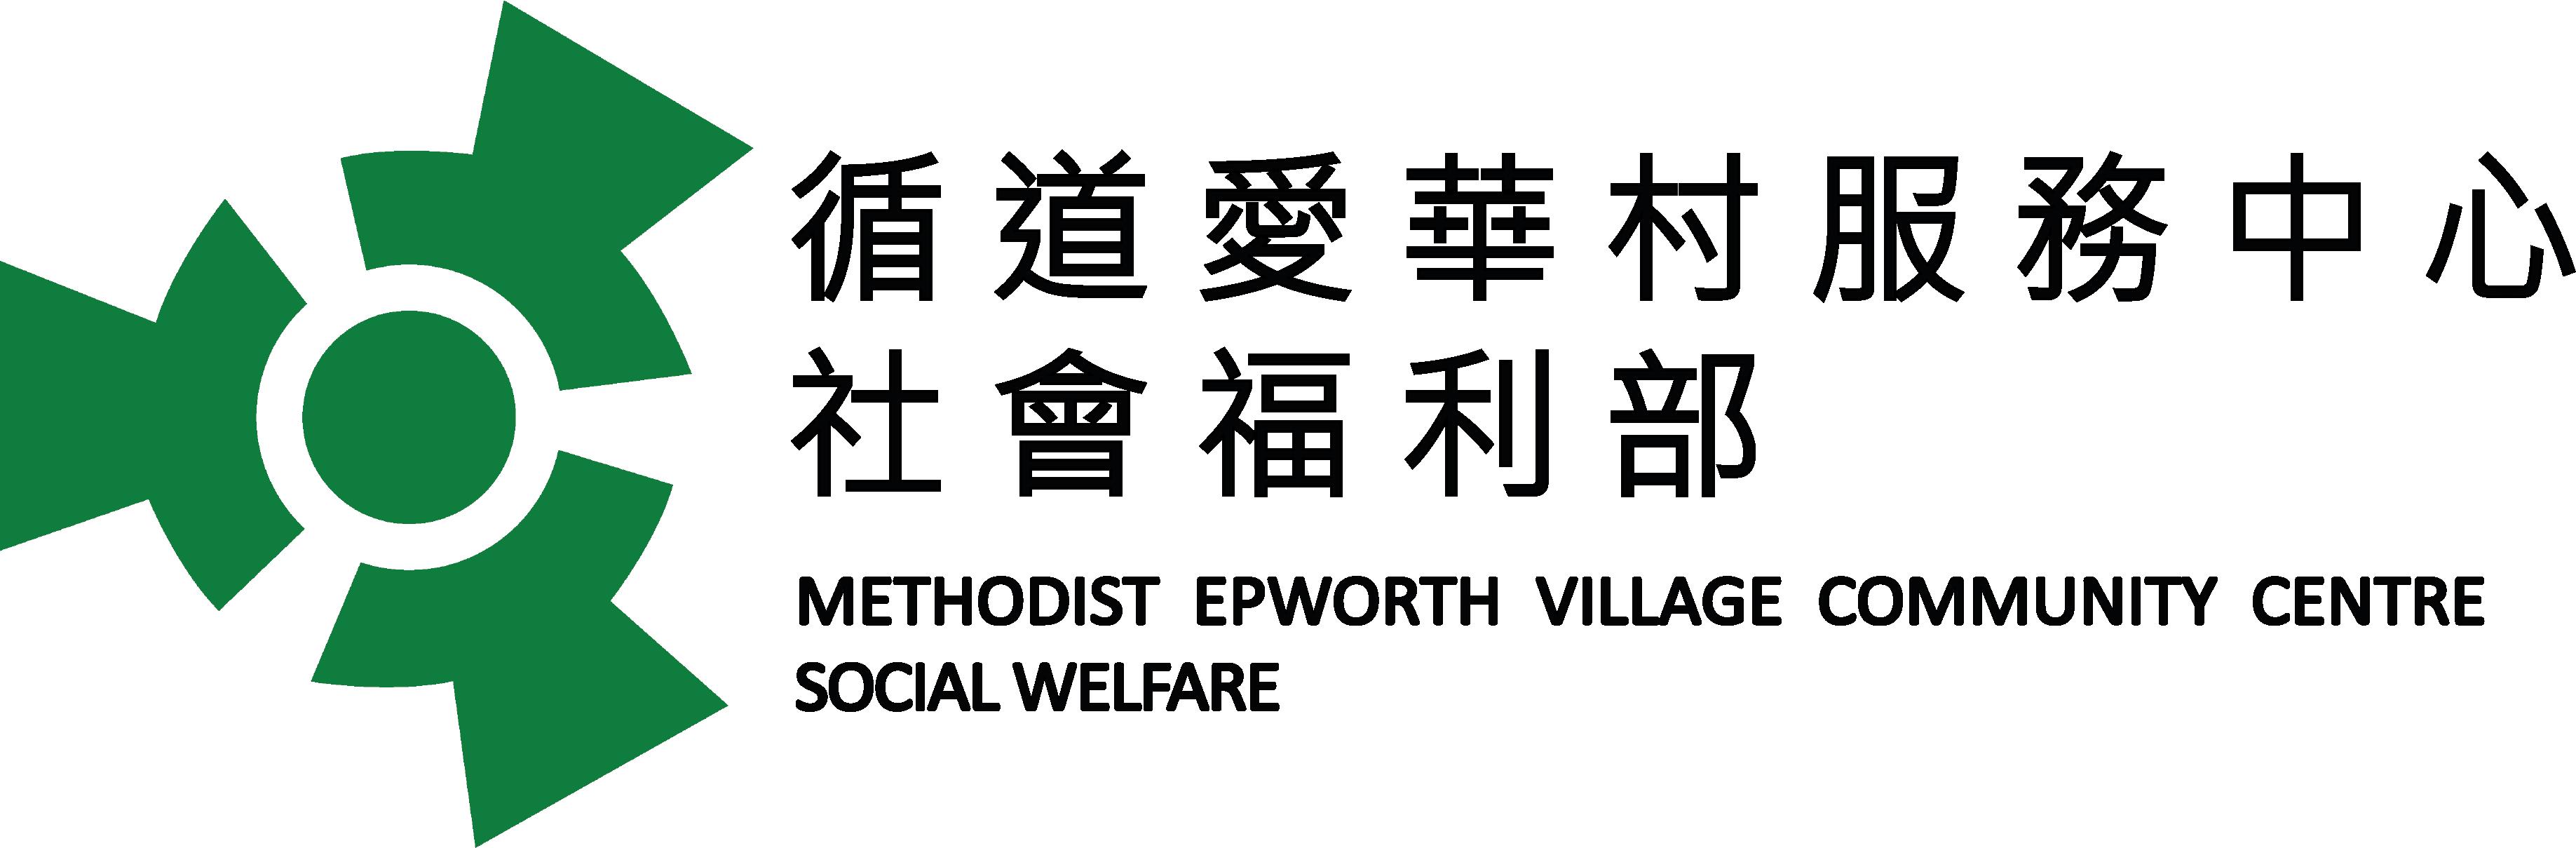 循道愛華村服務中心社會福利部